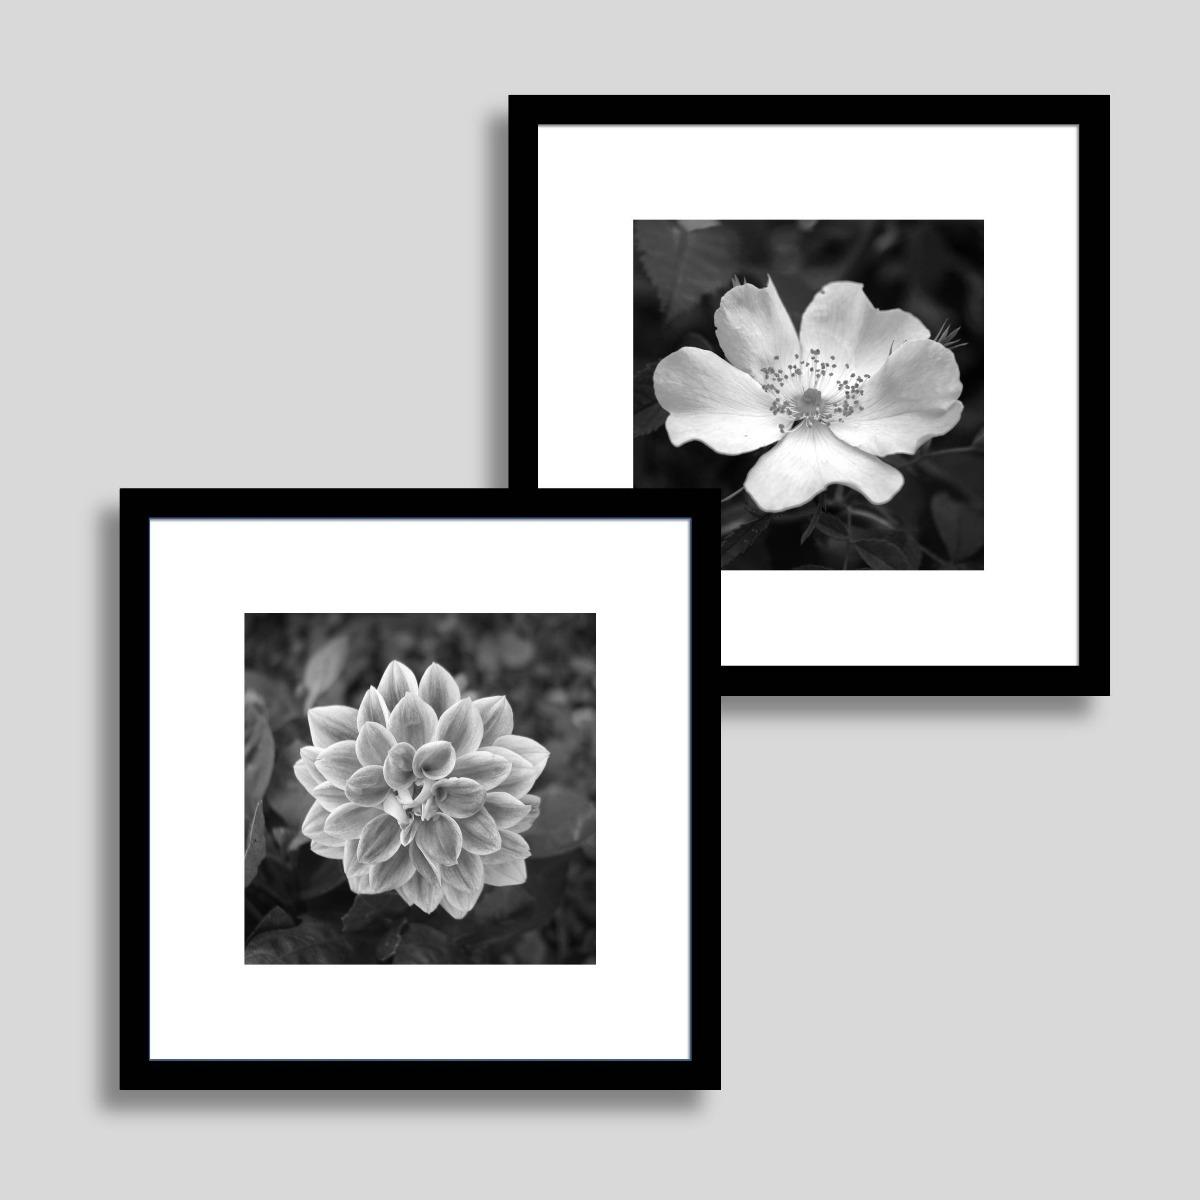 9d523ce5e conjunto quadro decorativo floral sala quarto super promoção. Carregando  zoom.